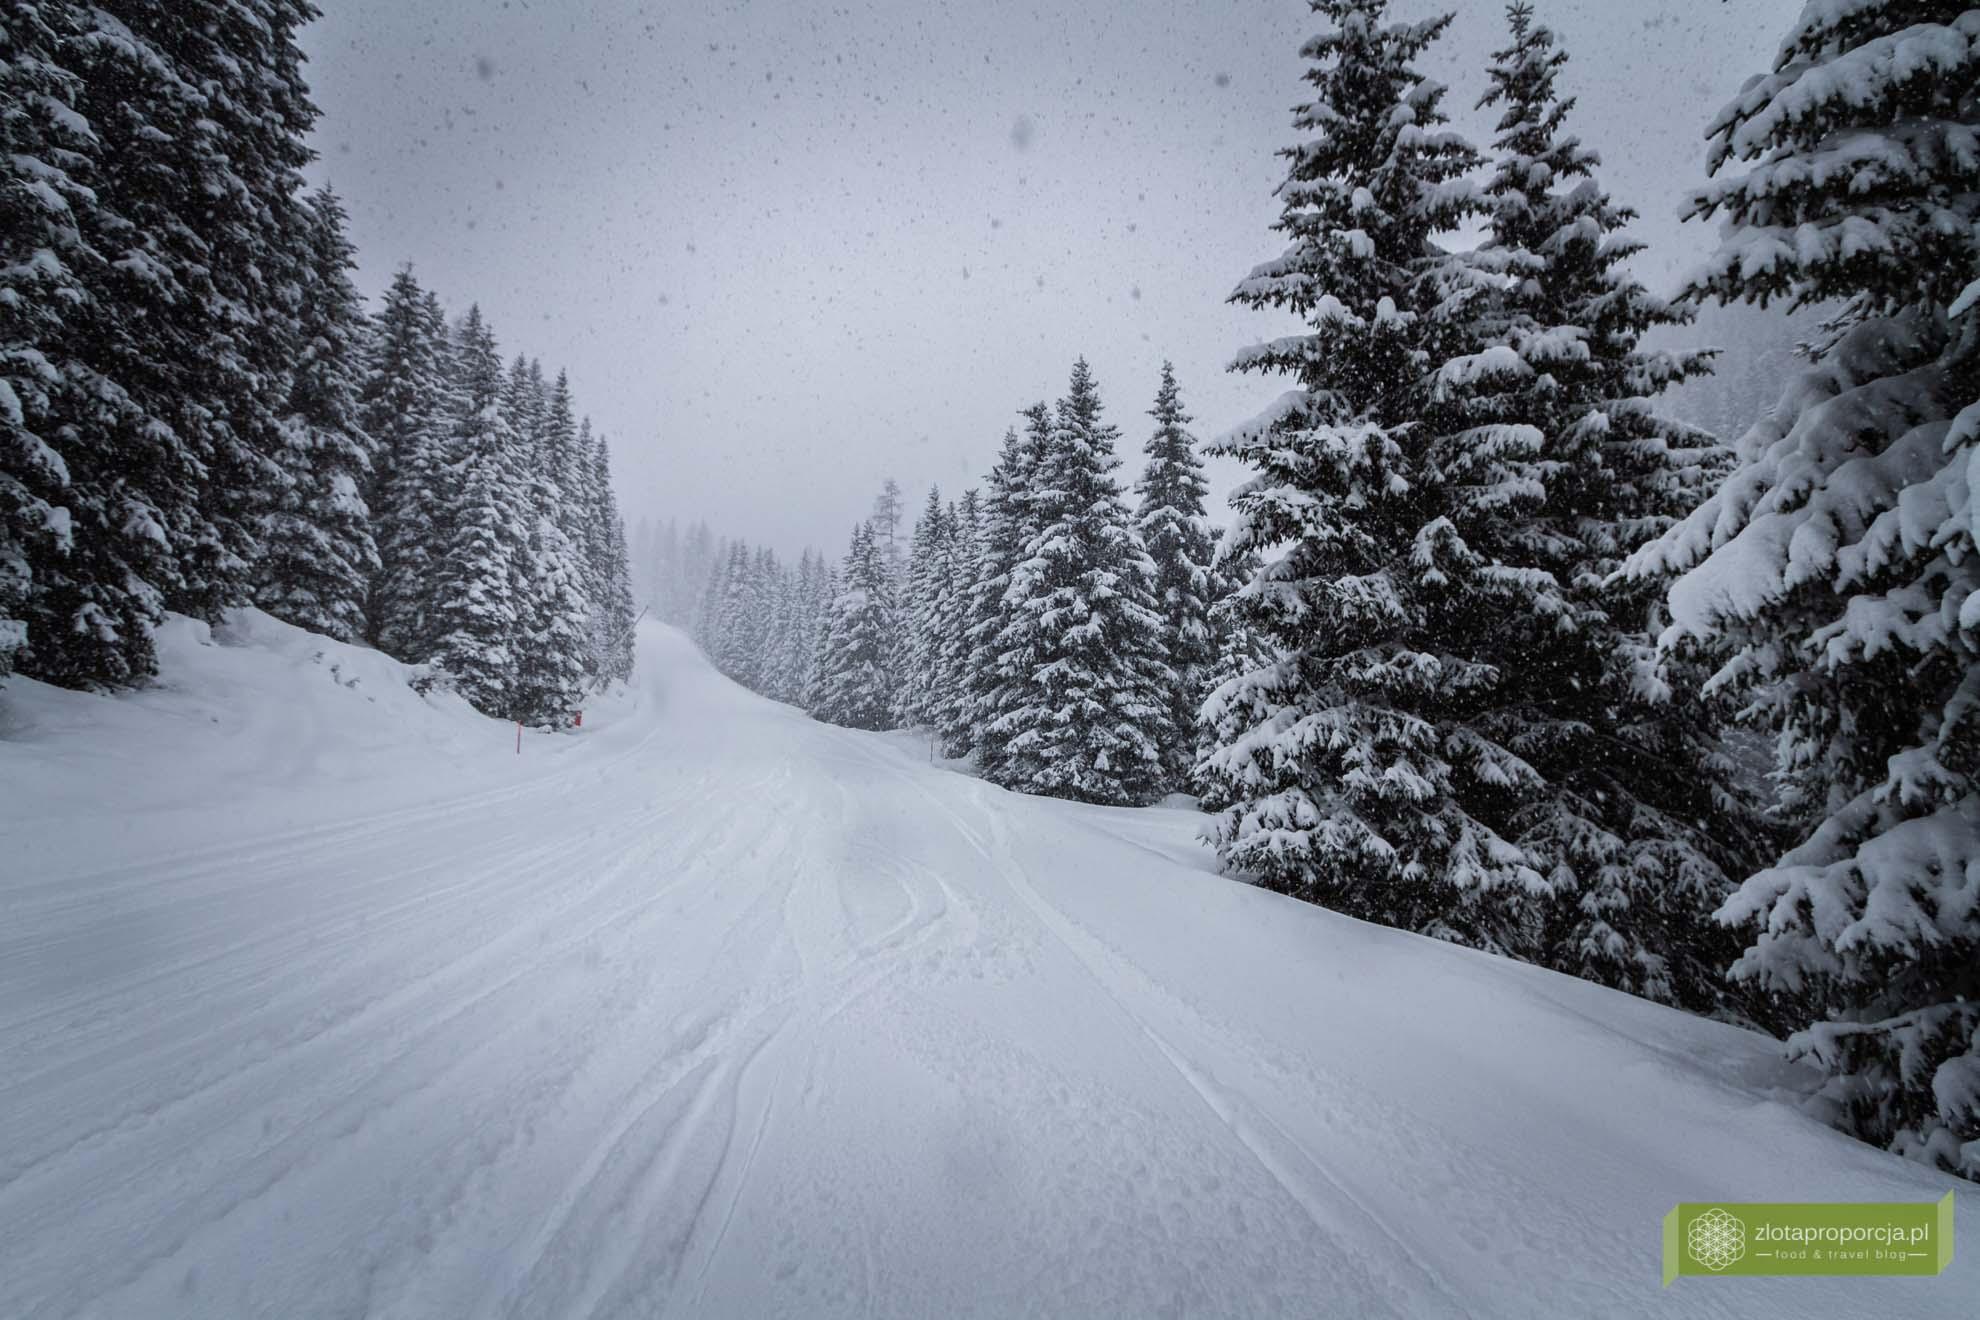 san martino di castrozza; san martino di castrozza narty; trydent narty; gdzie do włoch na narty; trydent górna adyga;